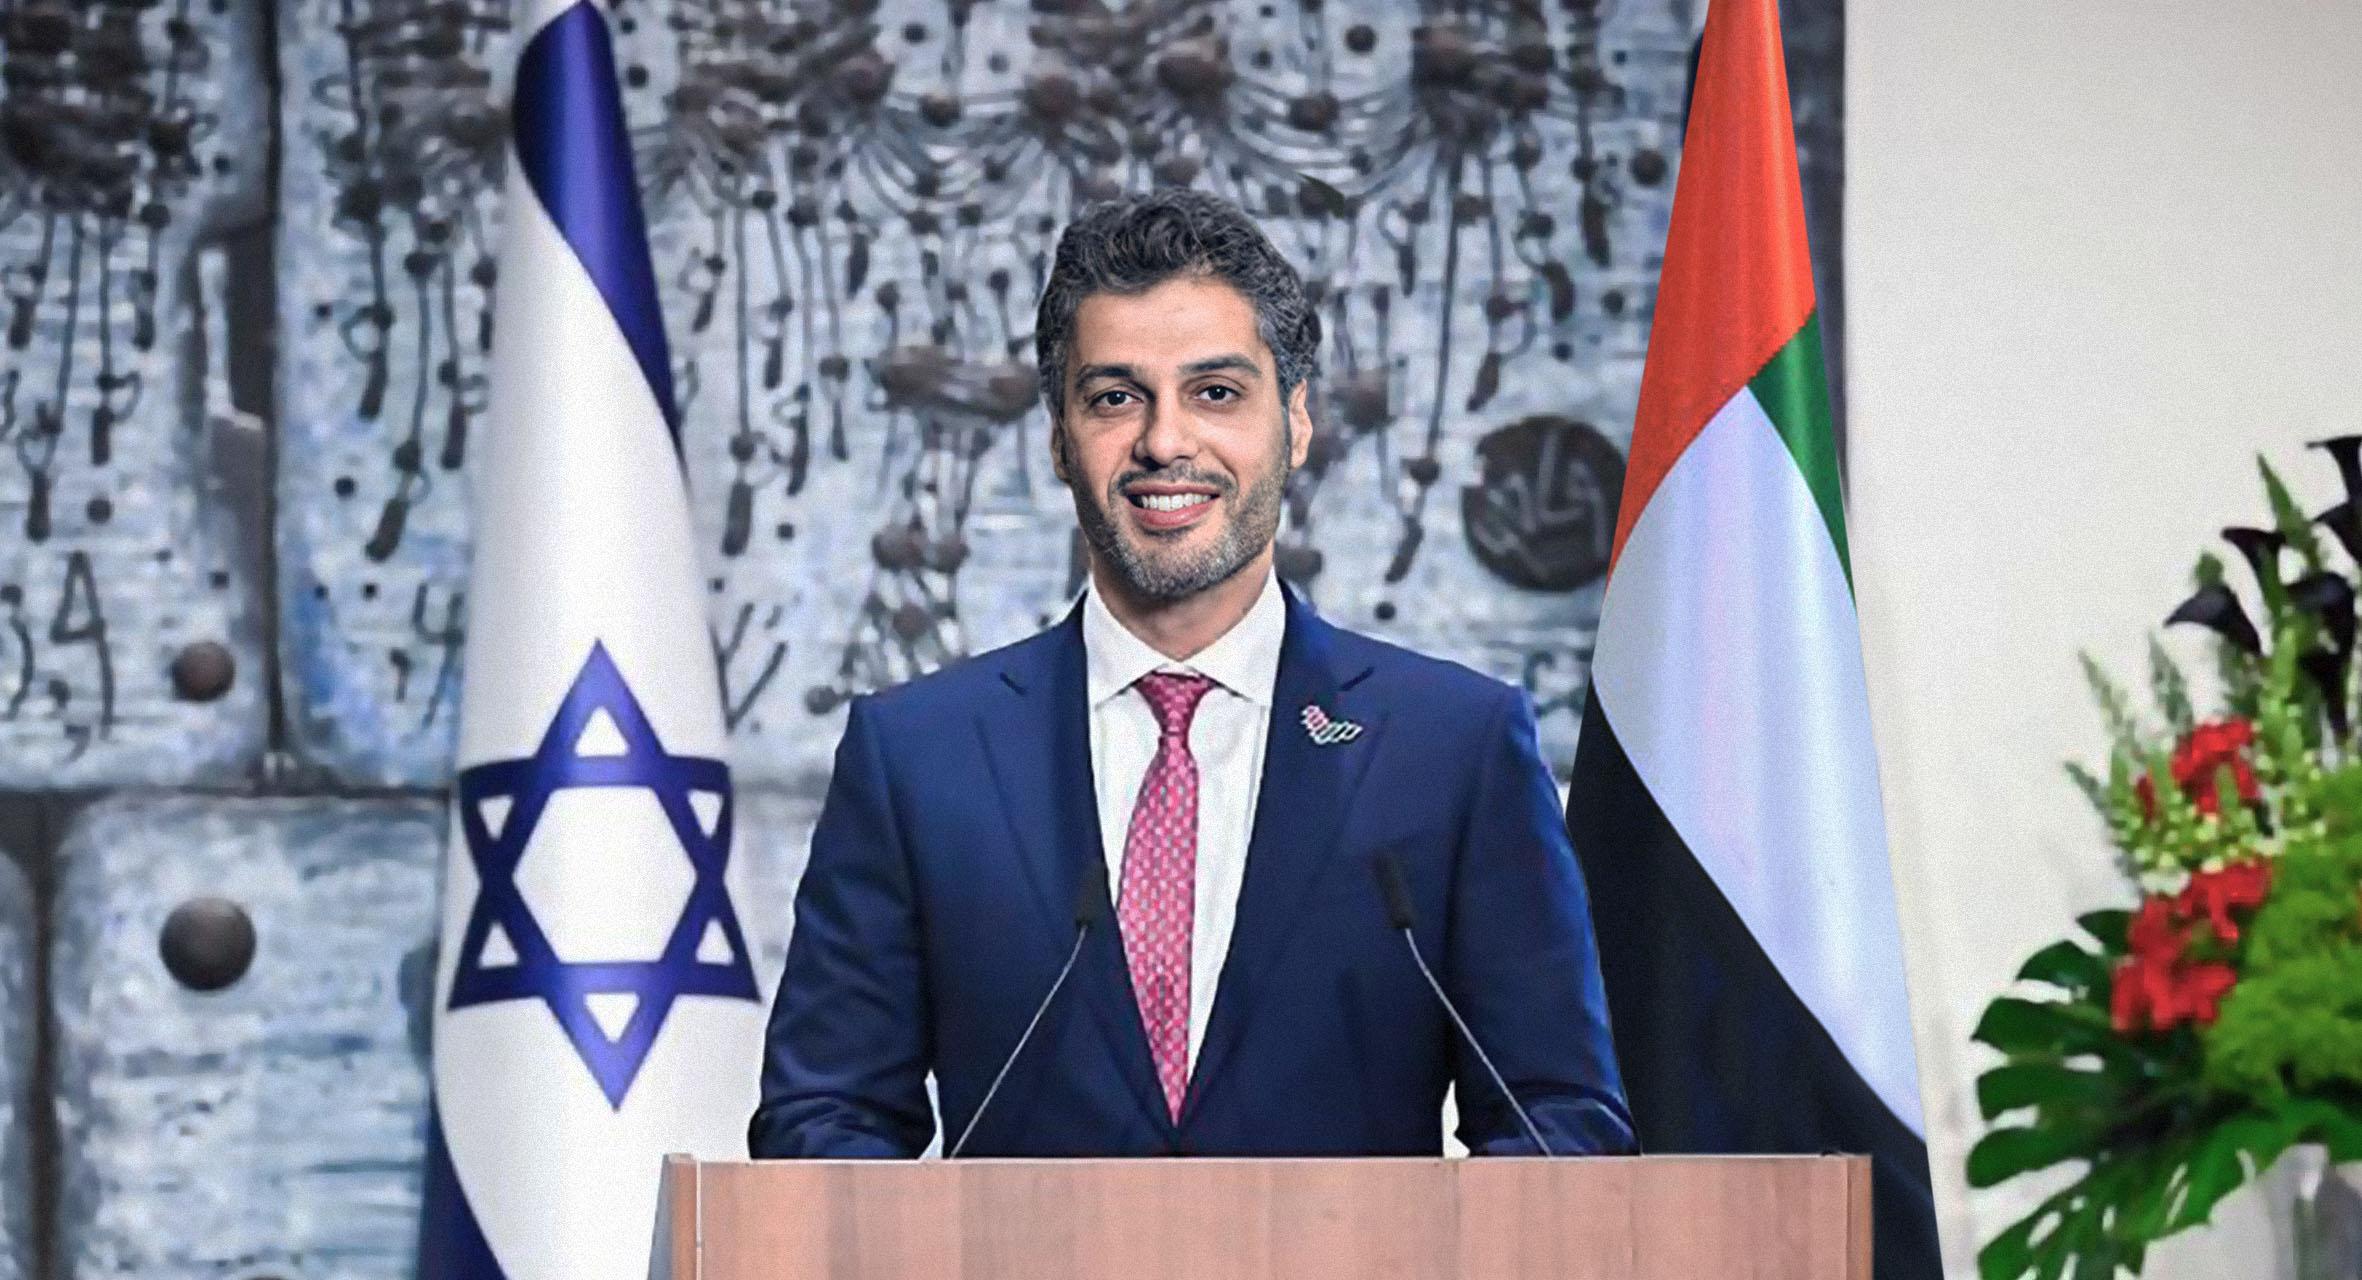 صورة الإمارات تهنئ الفلسطينيين بذكرى حصولهم على جيران محترمين وأكابر ومتحضرين